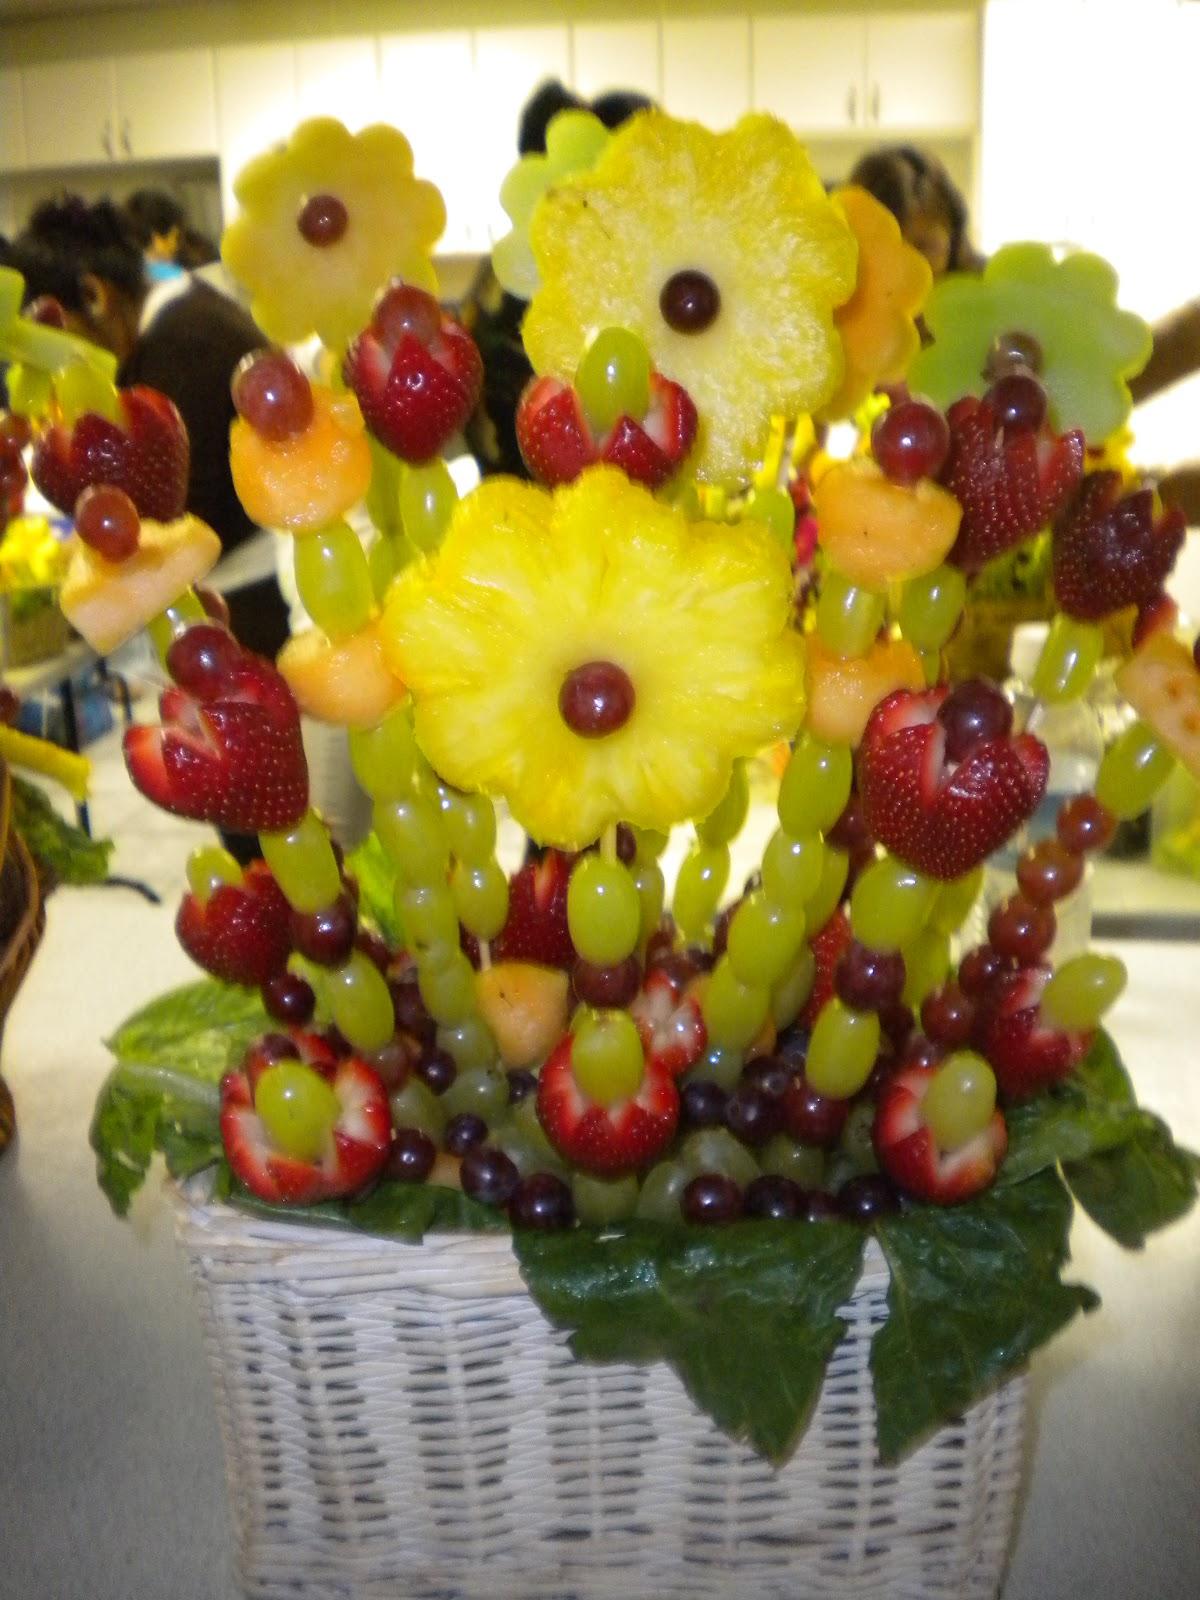 Arreglos con frutas y vegetales en creatividades latinas ordenes y envios especiales - Decorar cestas de mimbre paso a paso ...